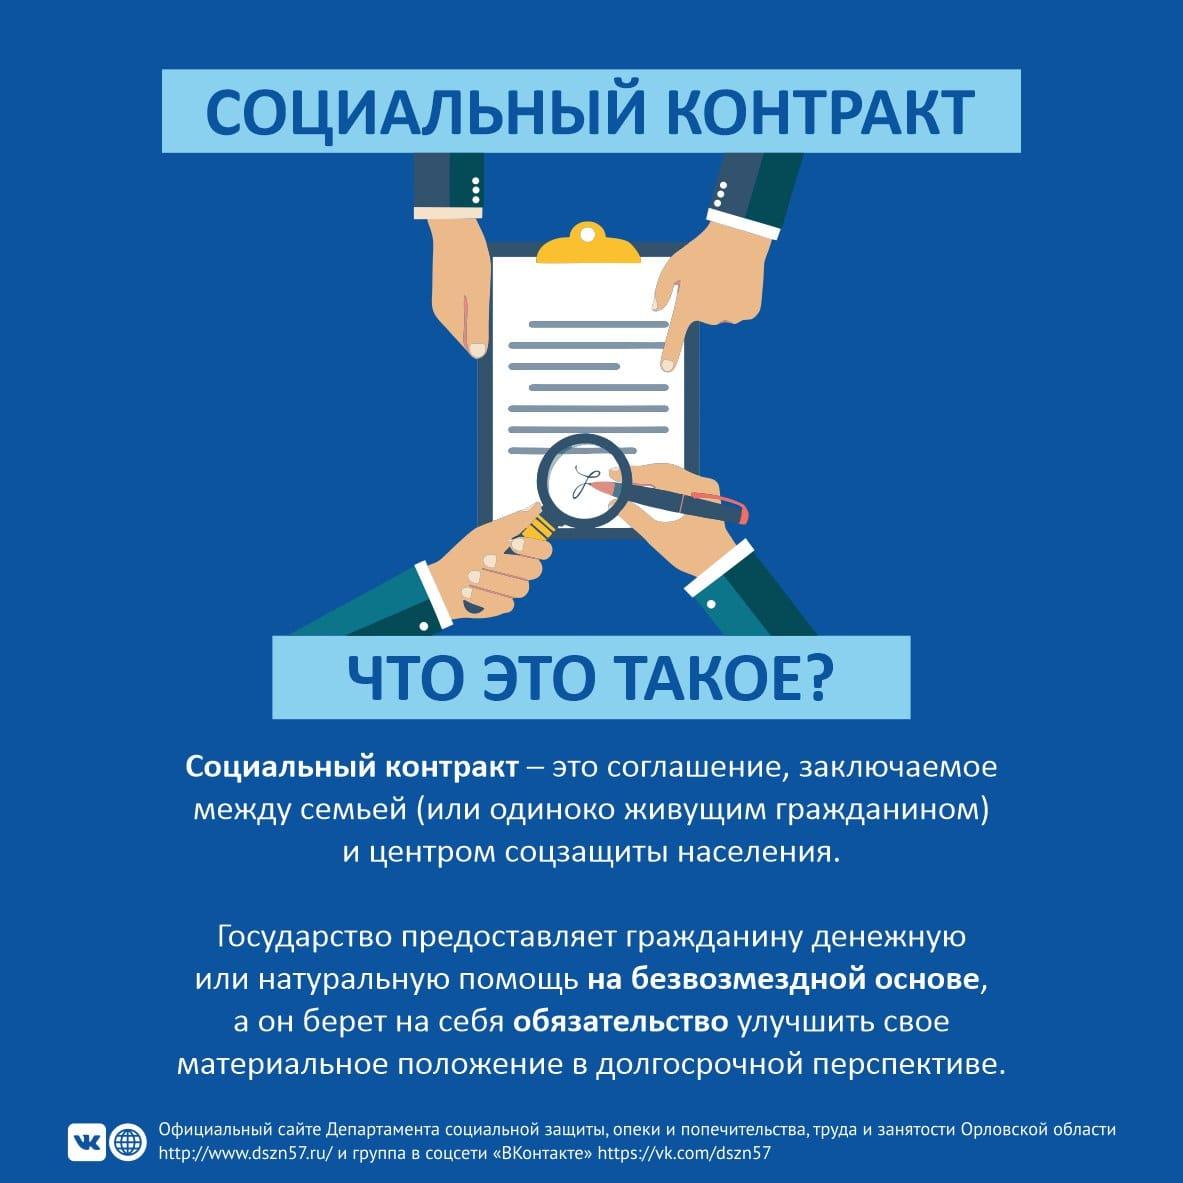 Материалы по социальным контрактам